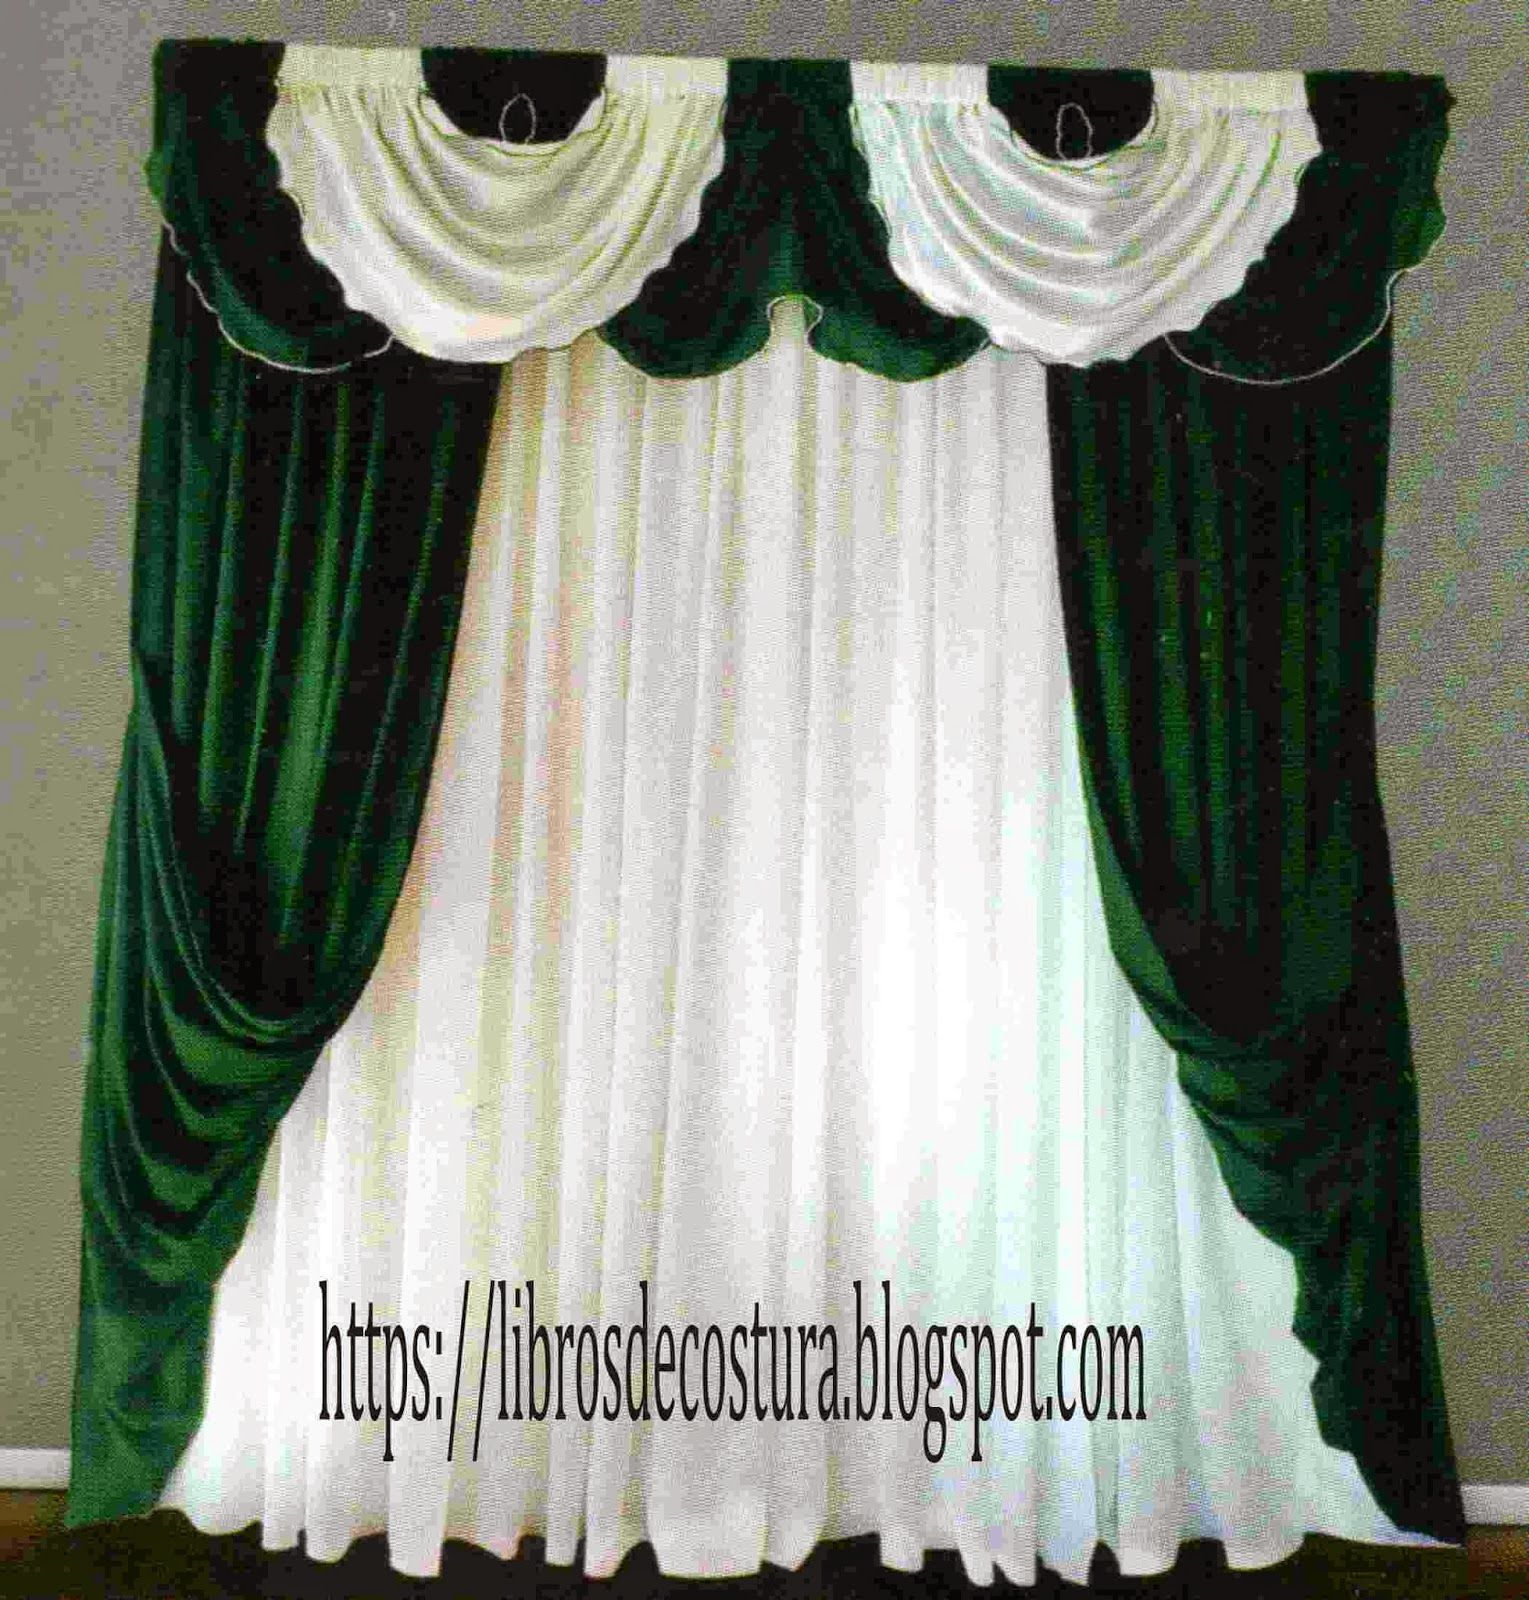 Libros de costura como hacer cortinas paso a paso - Como coser cortinas paso a paso ...